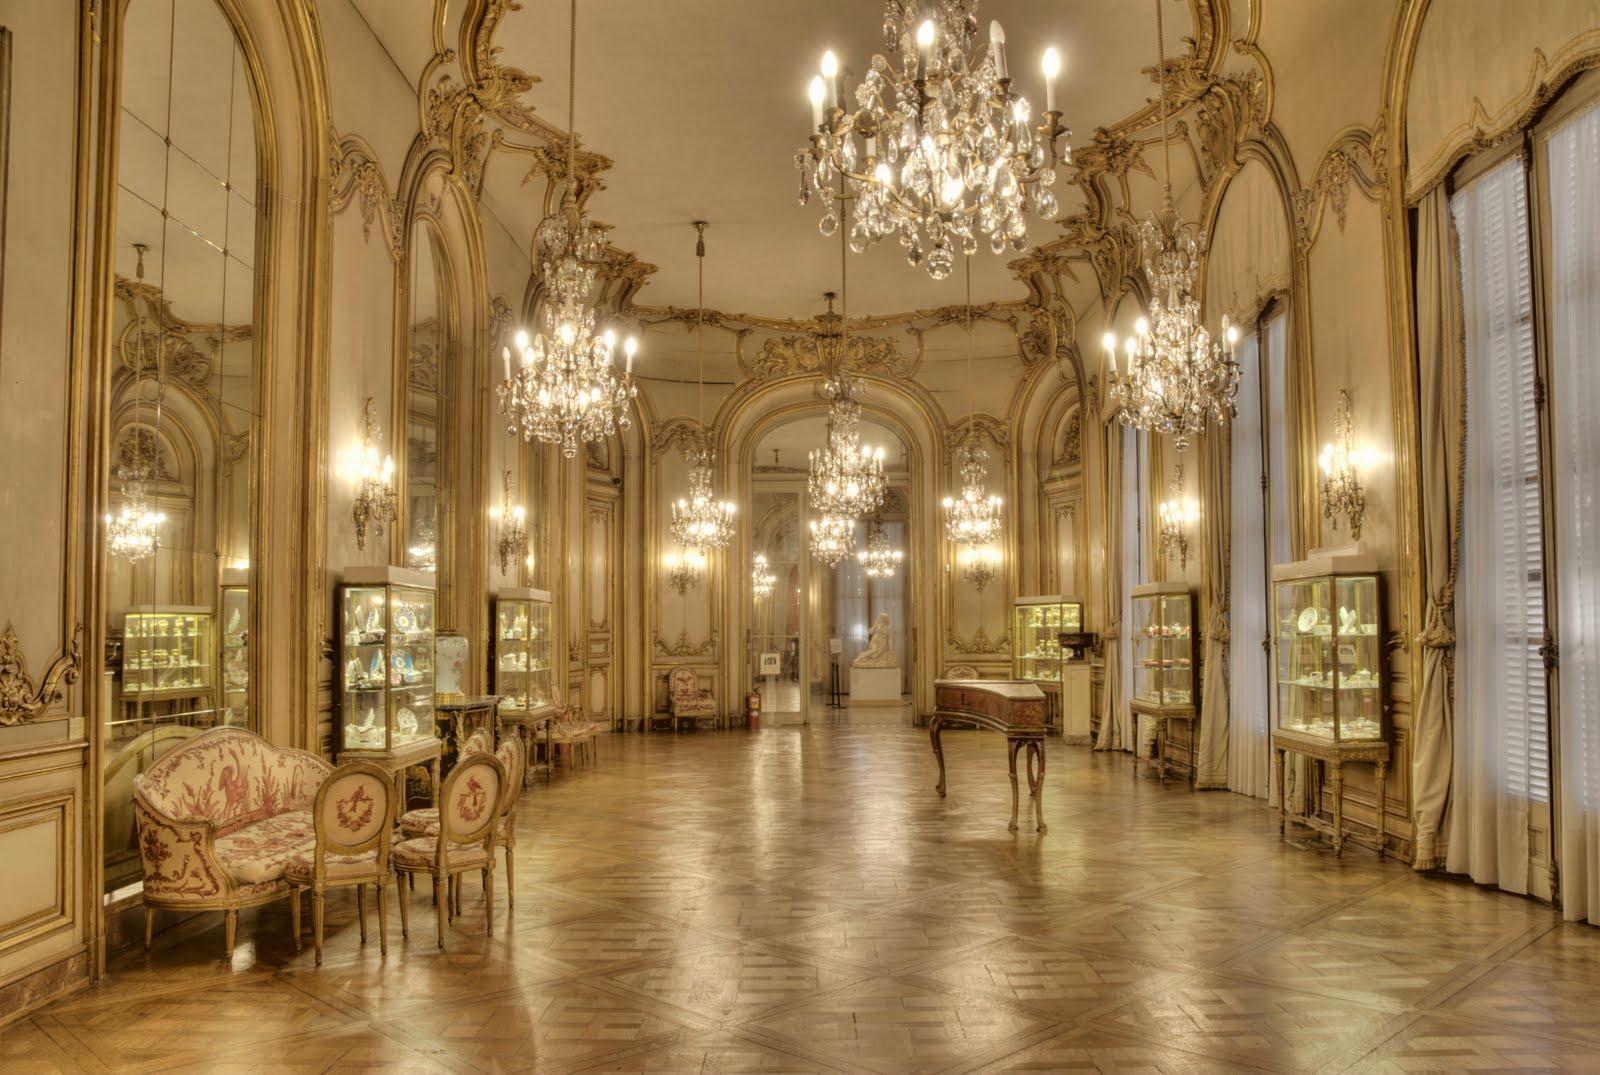 Brugmann conservaci n y restauraci n de objetos de arte el palacio err zuriz un reducto - Salones antiguos ...